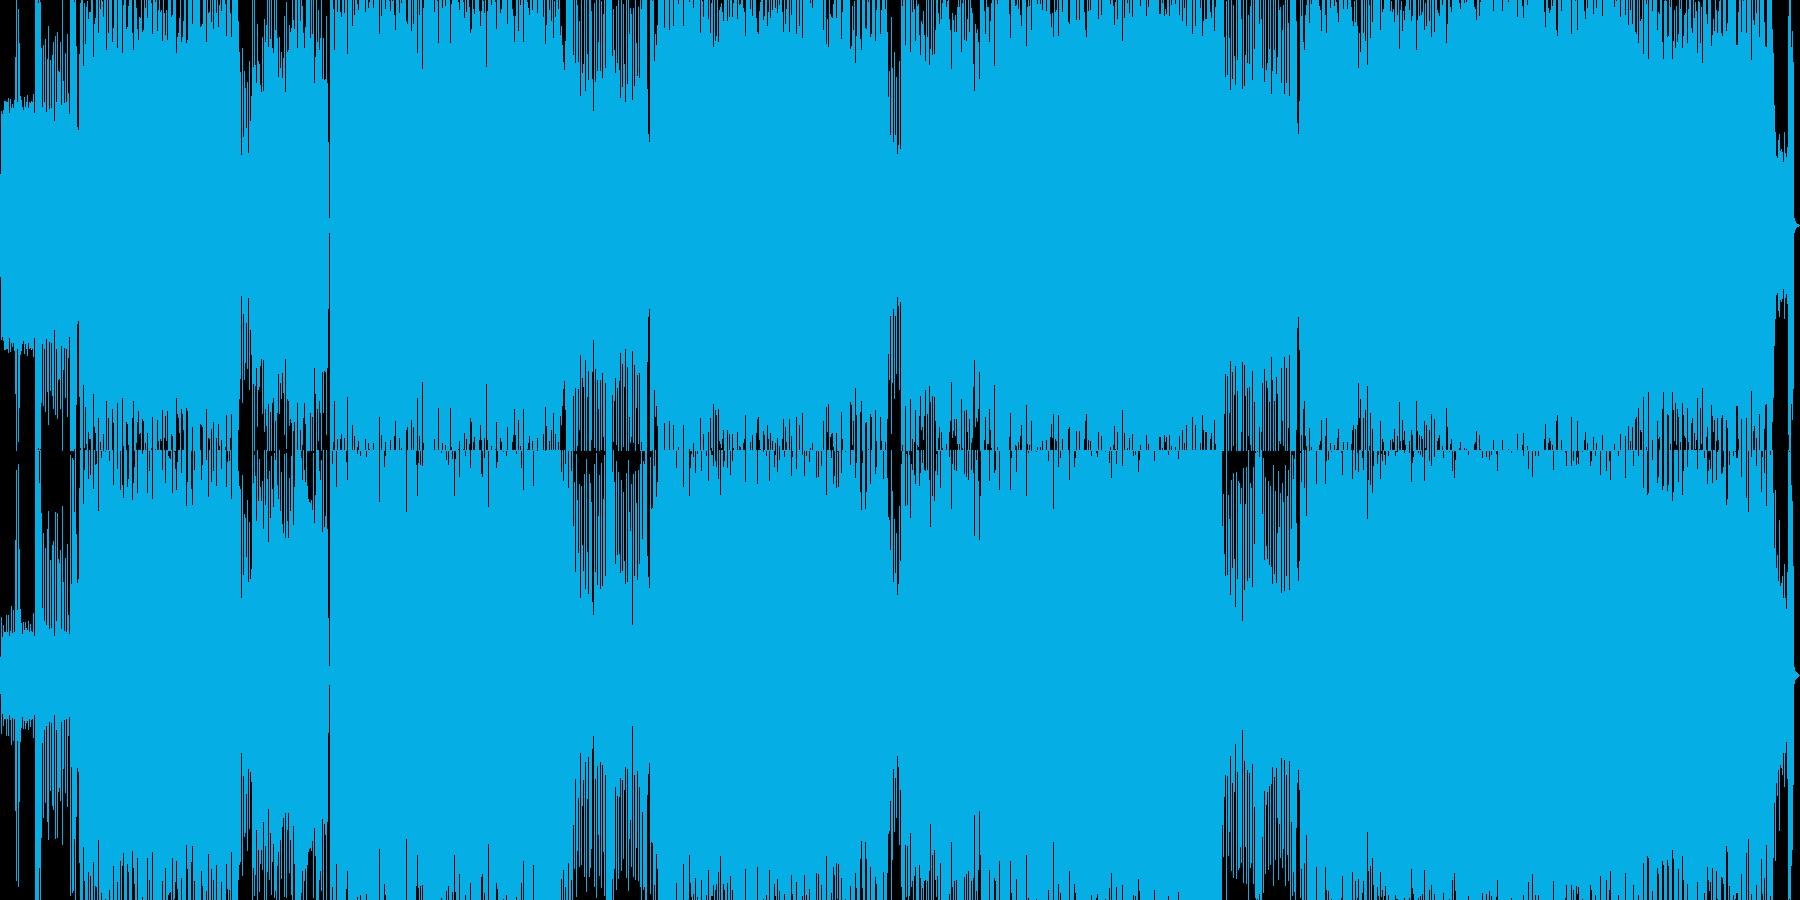 疾走感のある情緒系ロックチューンの再生済みの波形